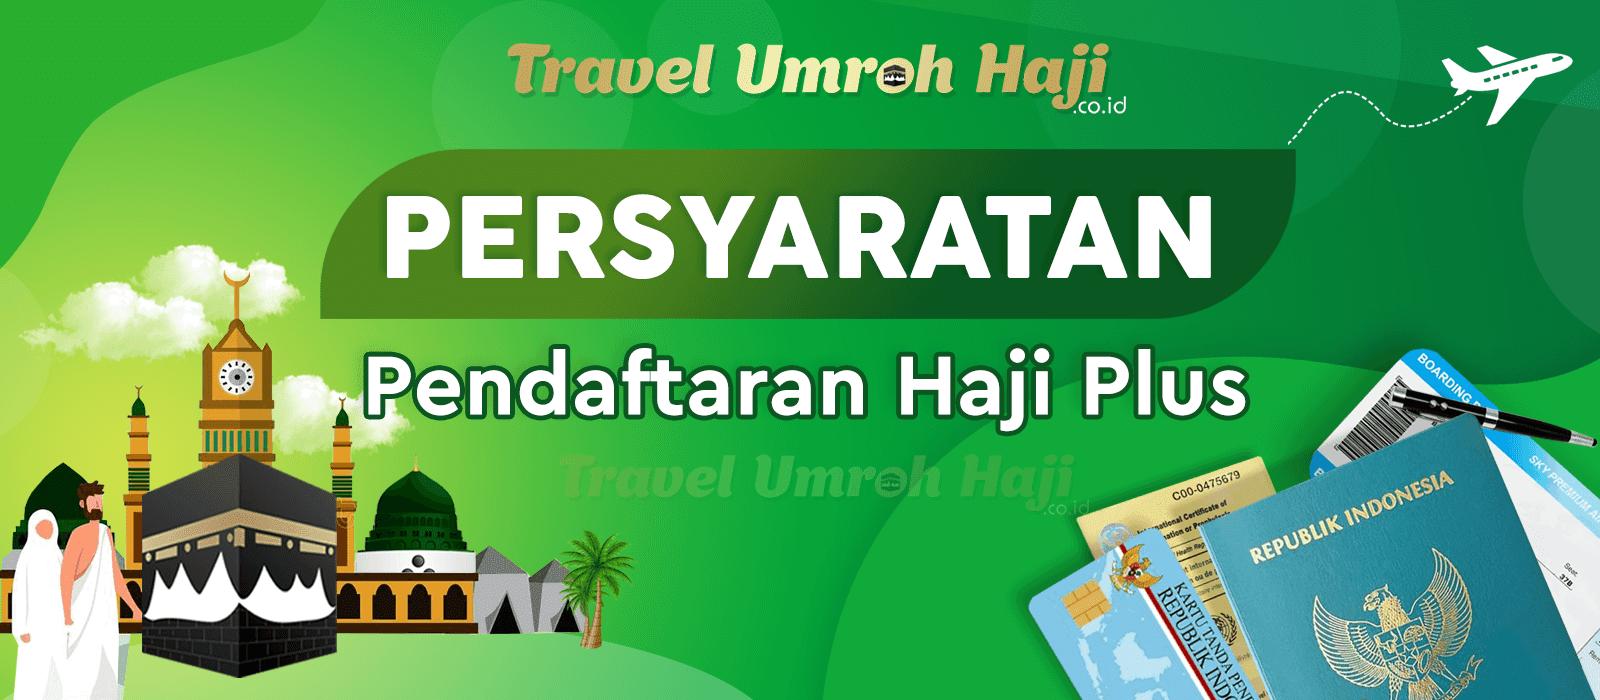 Persyaratan dan Tata Cara Daftar Booking Paket Haji Plus